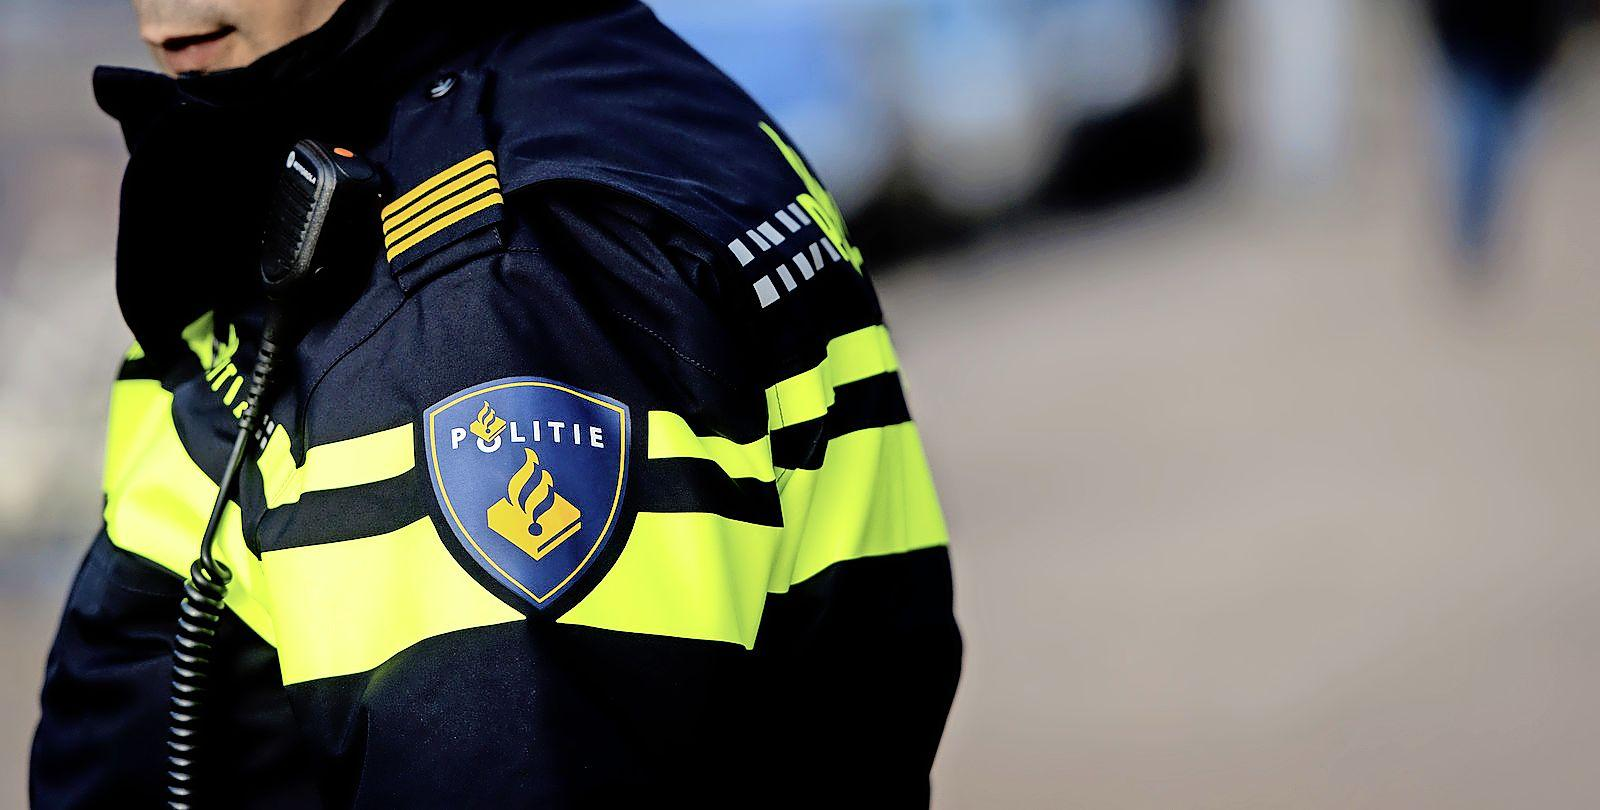 Politie beëindigt illegaal feest in natuurgebied bij Akersloot; feestvierders vluchten weg en laten fietsen achter